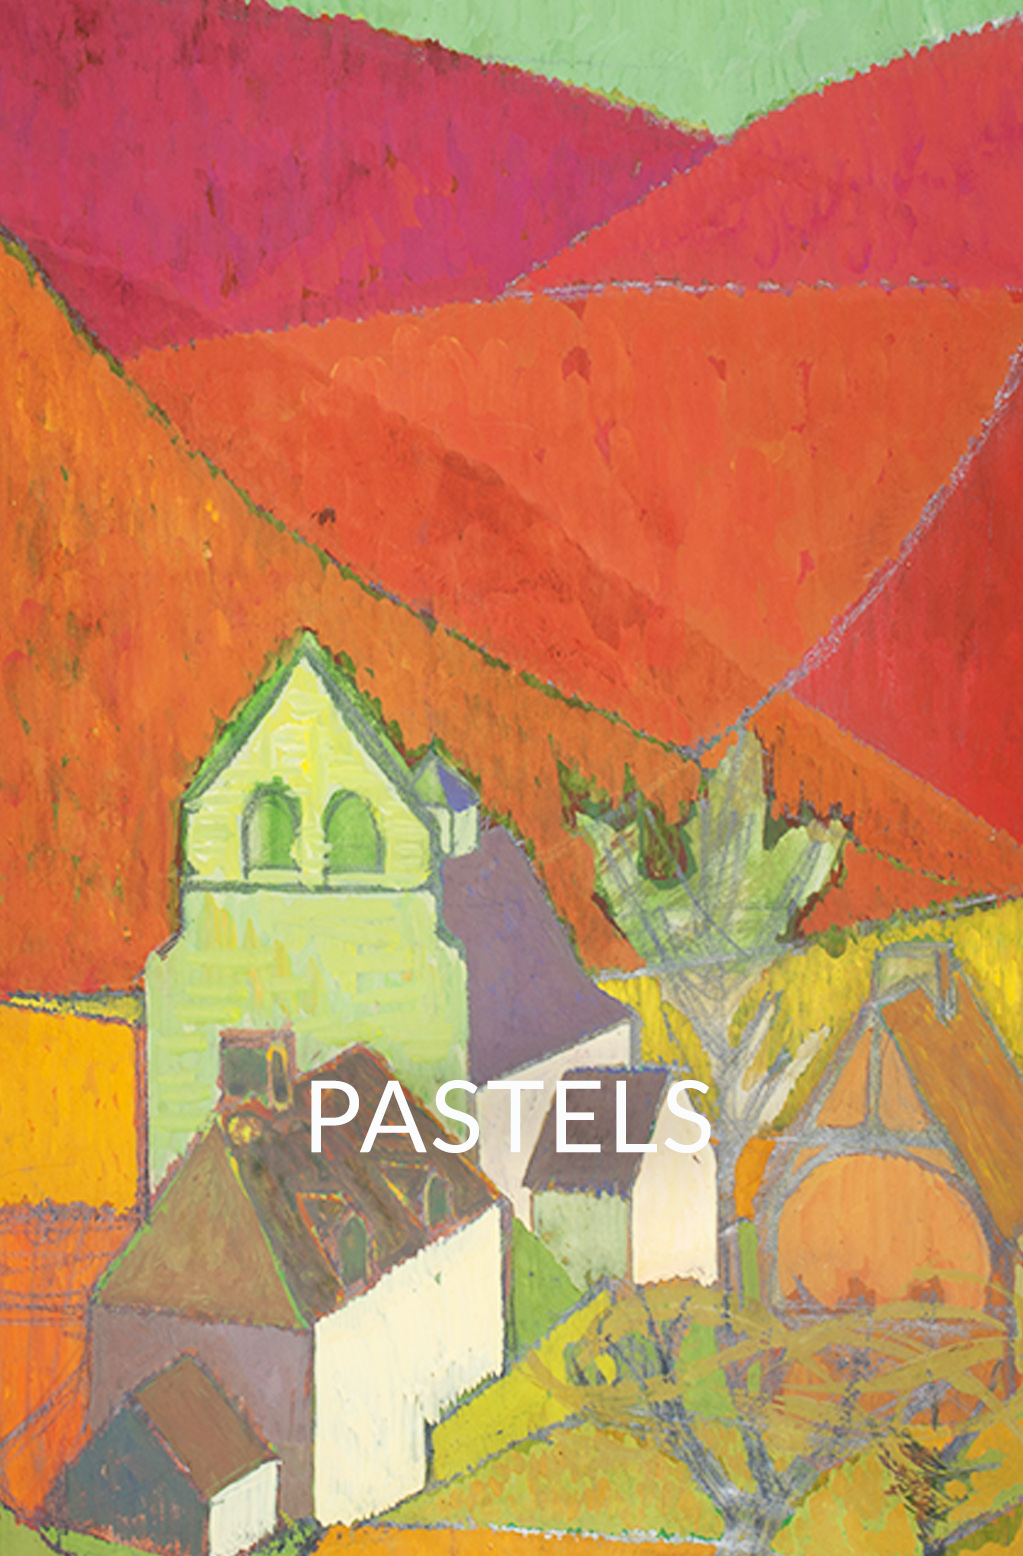 Timoleonthos - Pastels et dessins